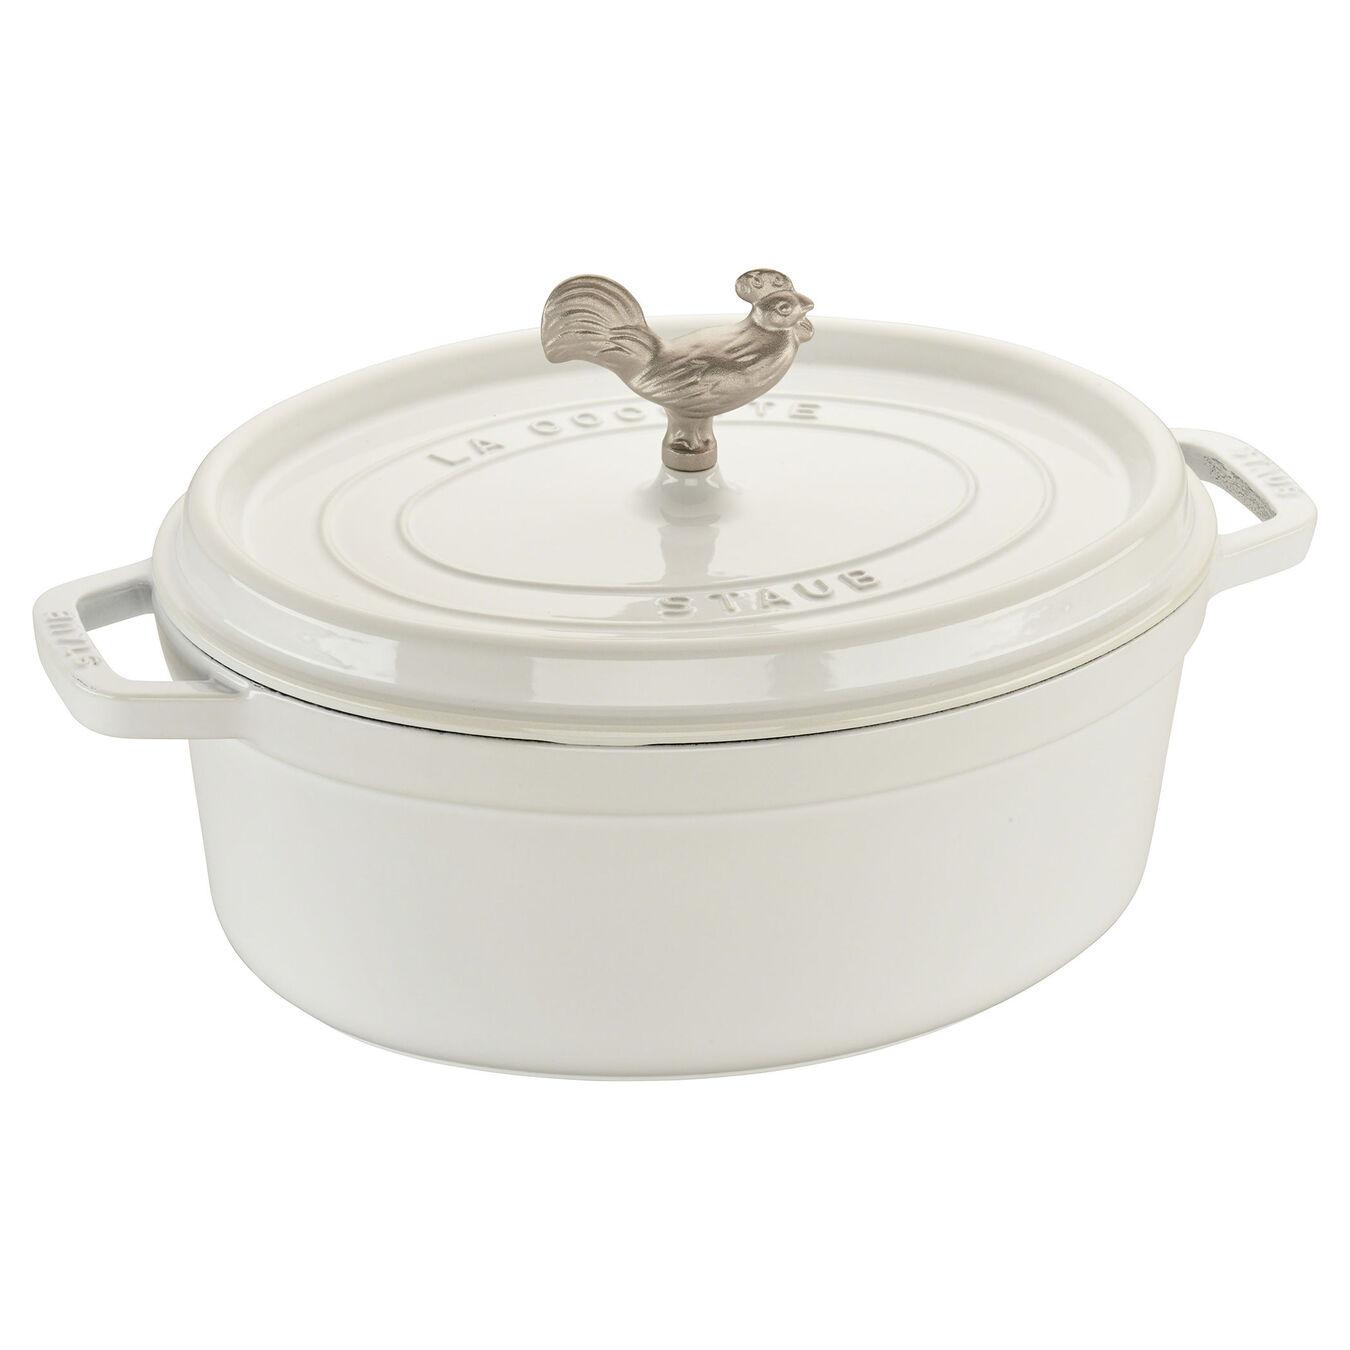 5.5 qt, oval, Coq au Vin Cocotte, white,,large 1